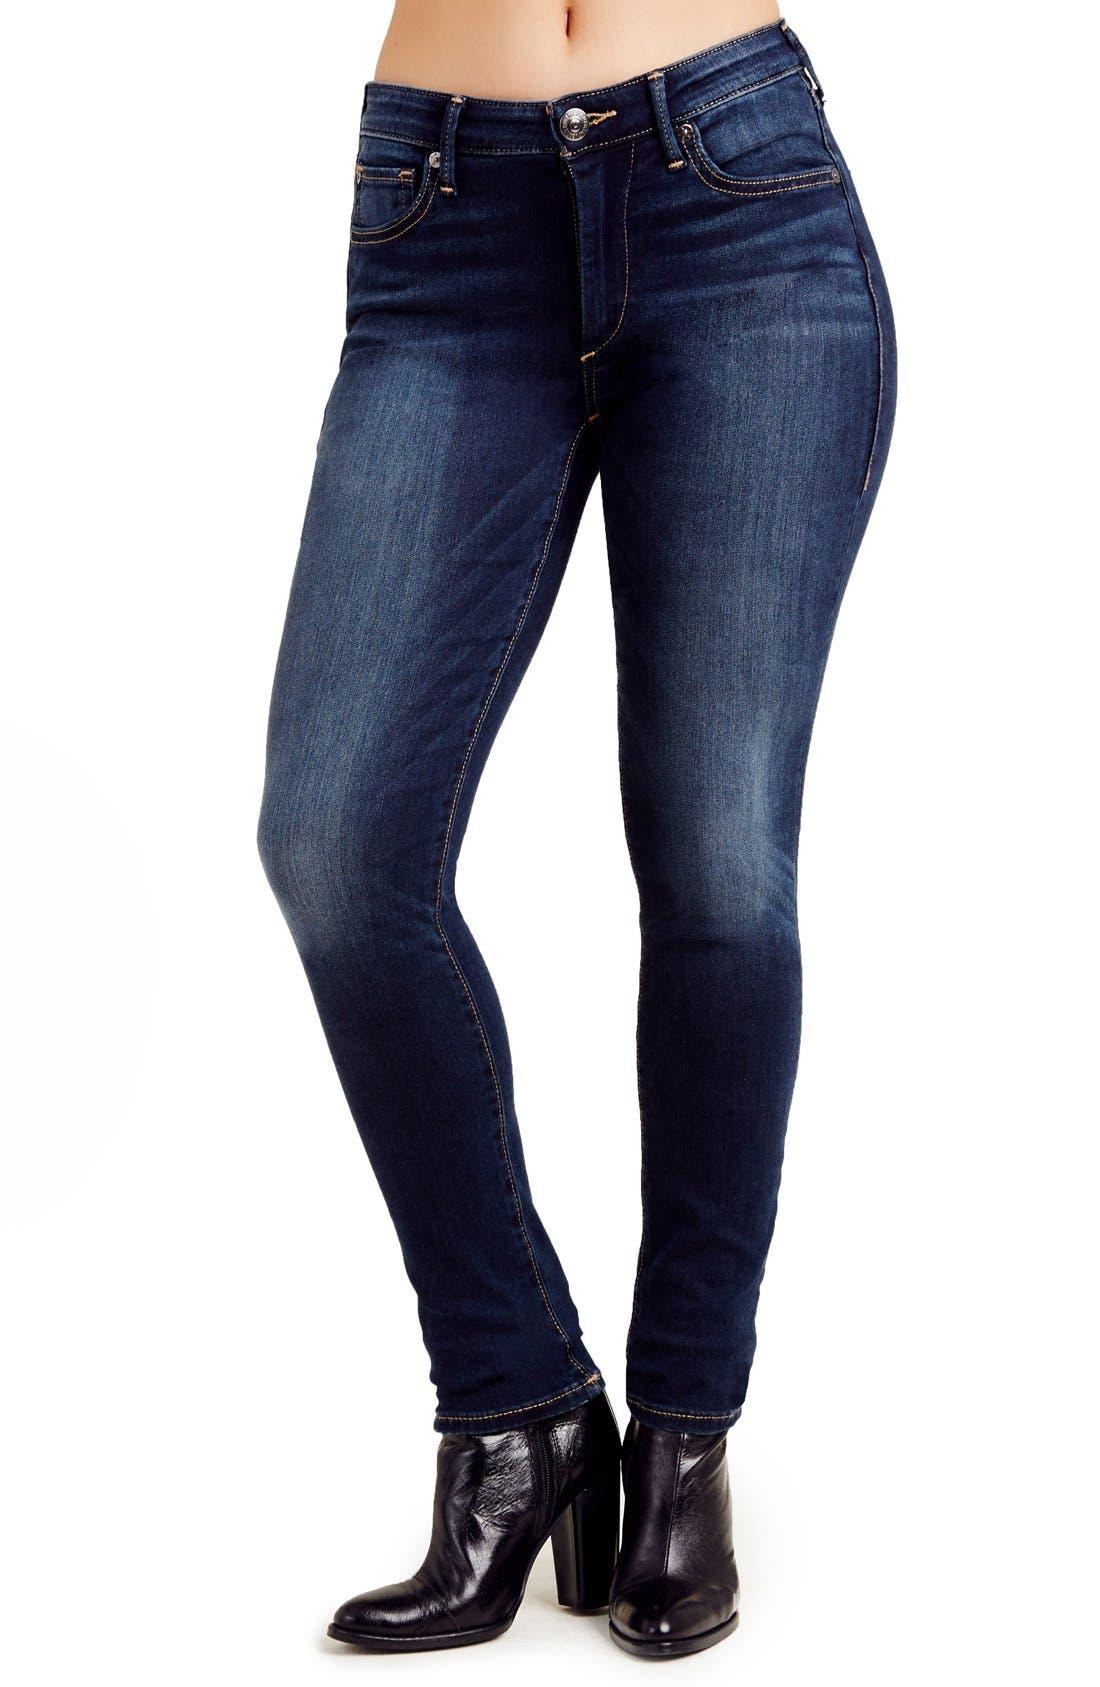 Main Image - True Religion Jeans Jennie Curvy Skinny Jeans